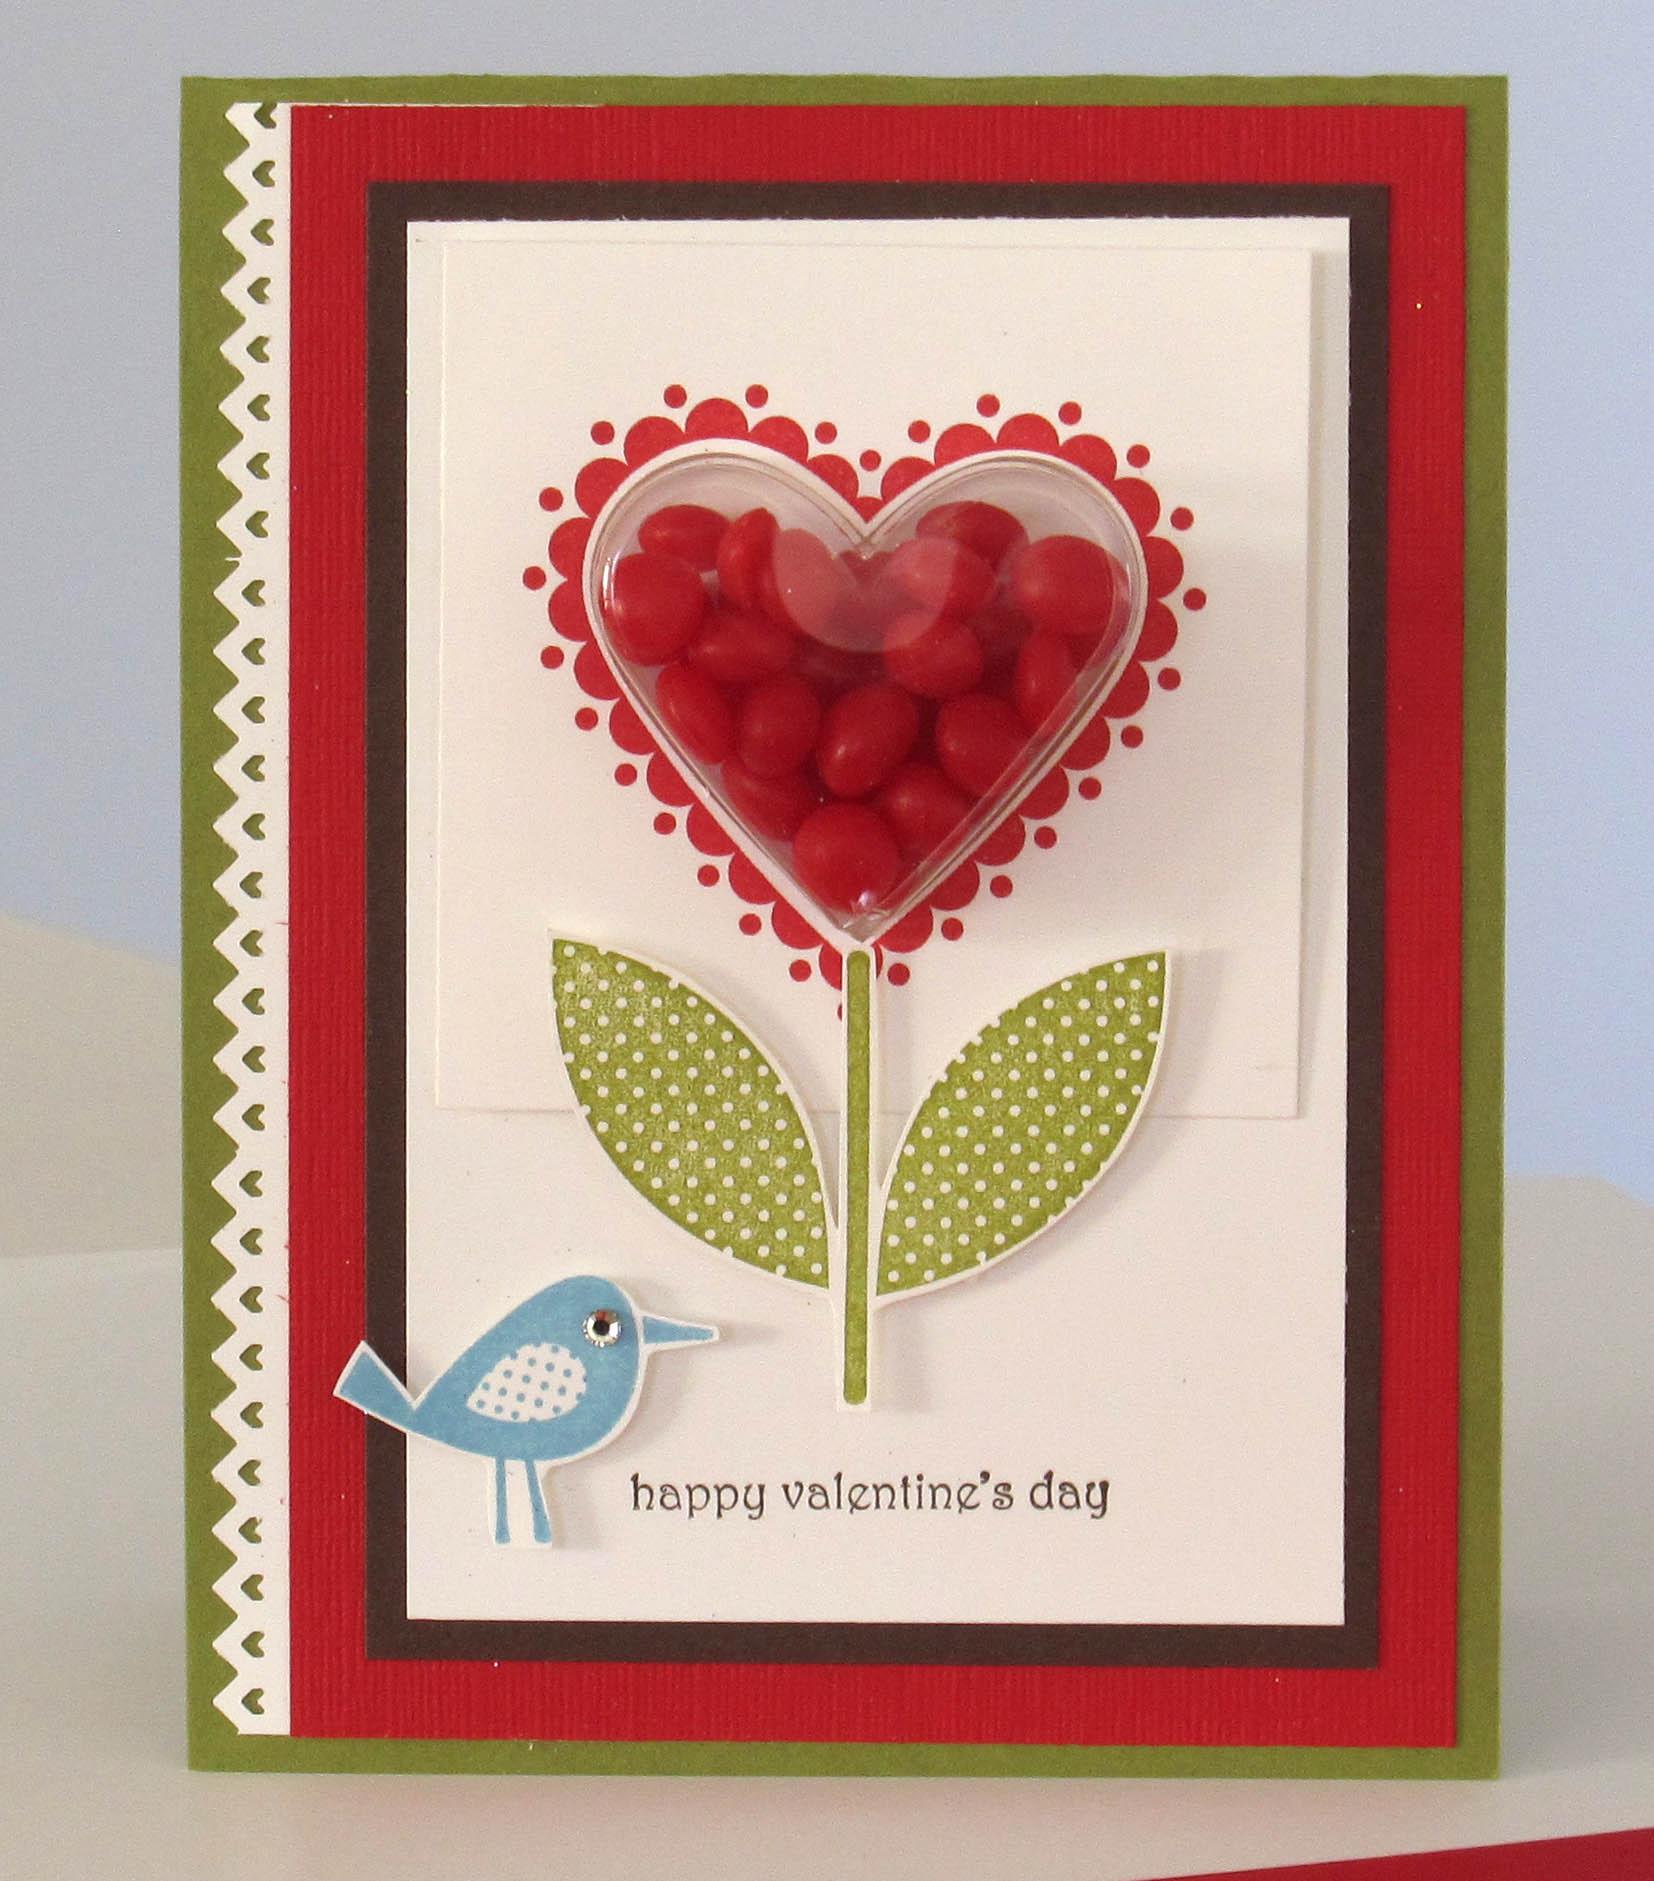 Valentine day getaway ideas